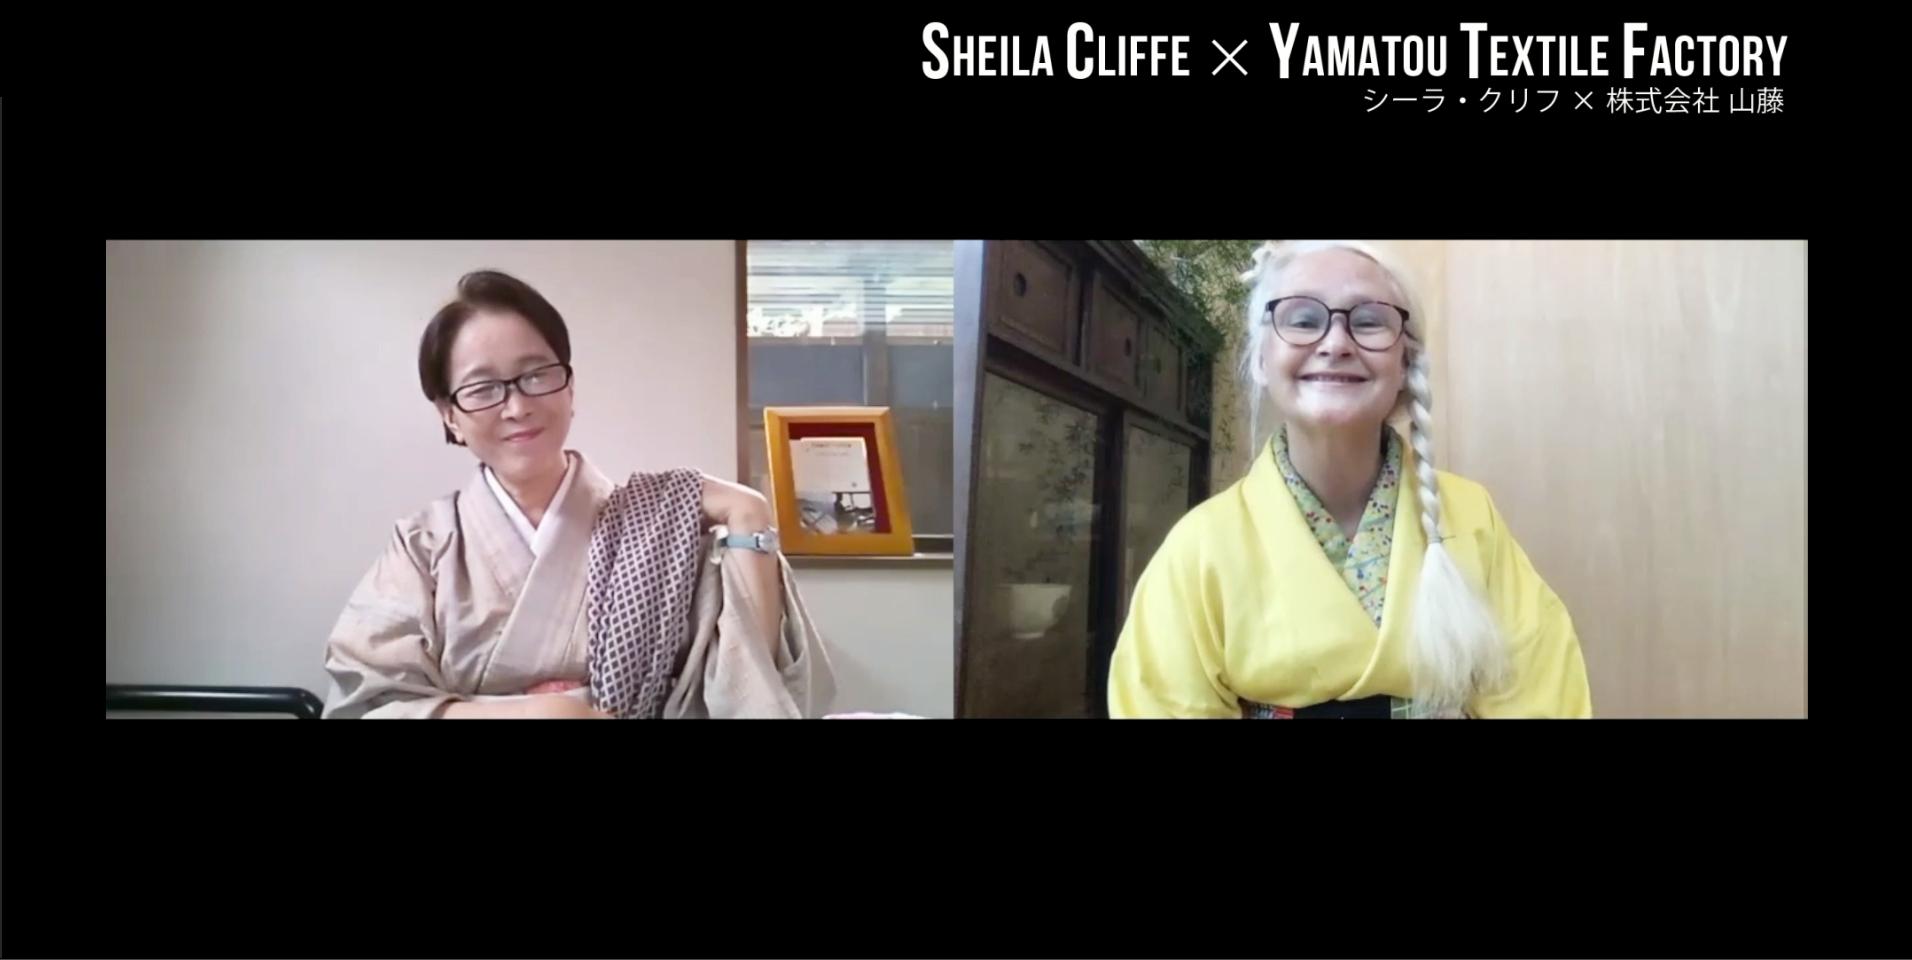 丹後ちりめんYouTube特別企画きもの研究家 シーラ・クリフ ✕ 丹後織物職人 WEB対談 #5